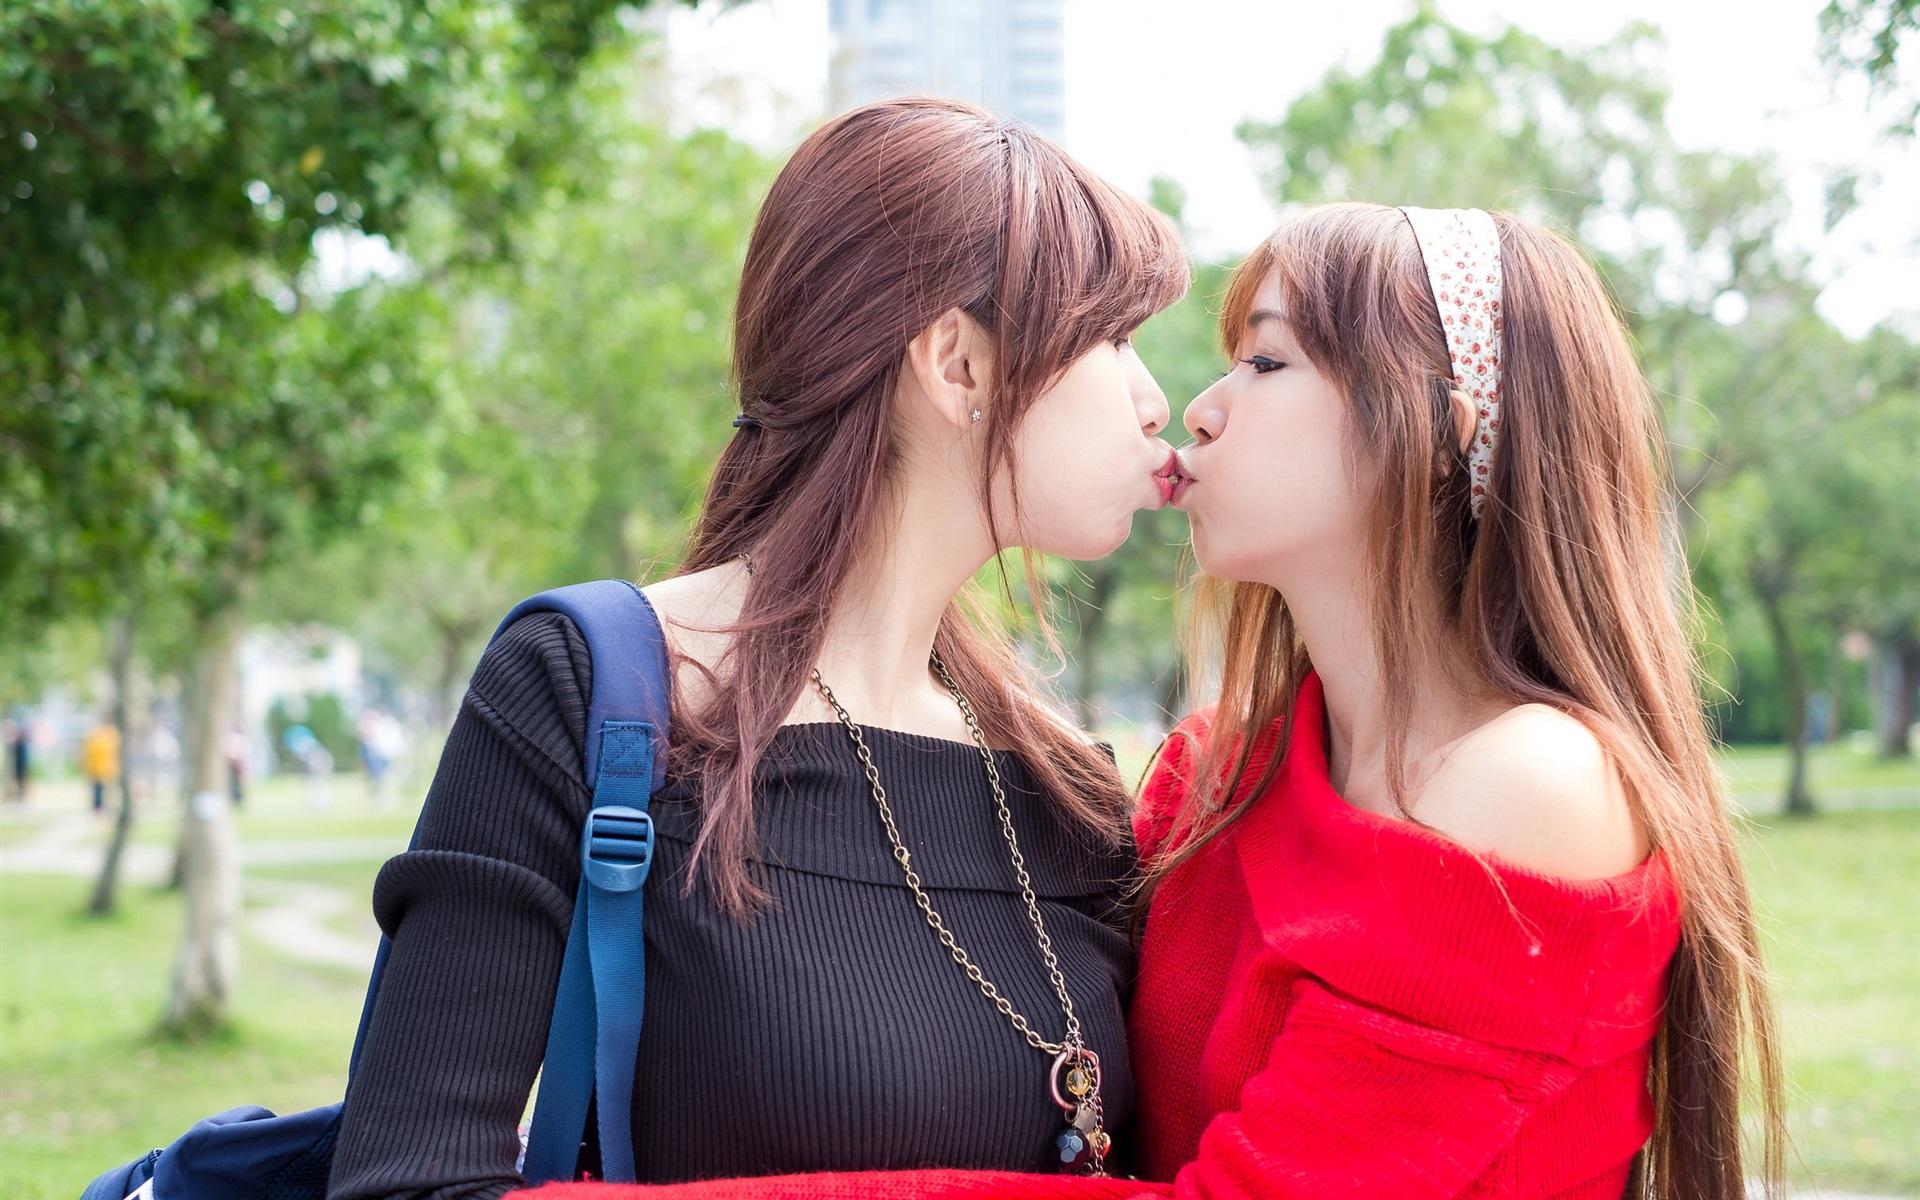 Лесбиянки увеличенные качественные фотографии, секс с грудастой секретаршей видео